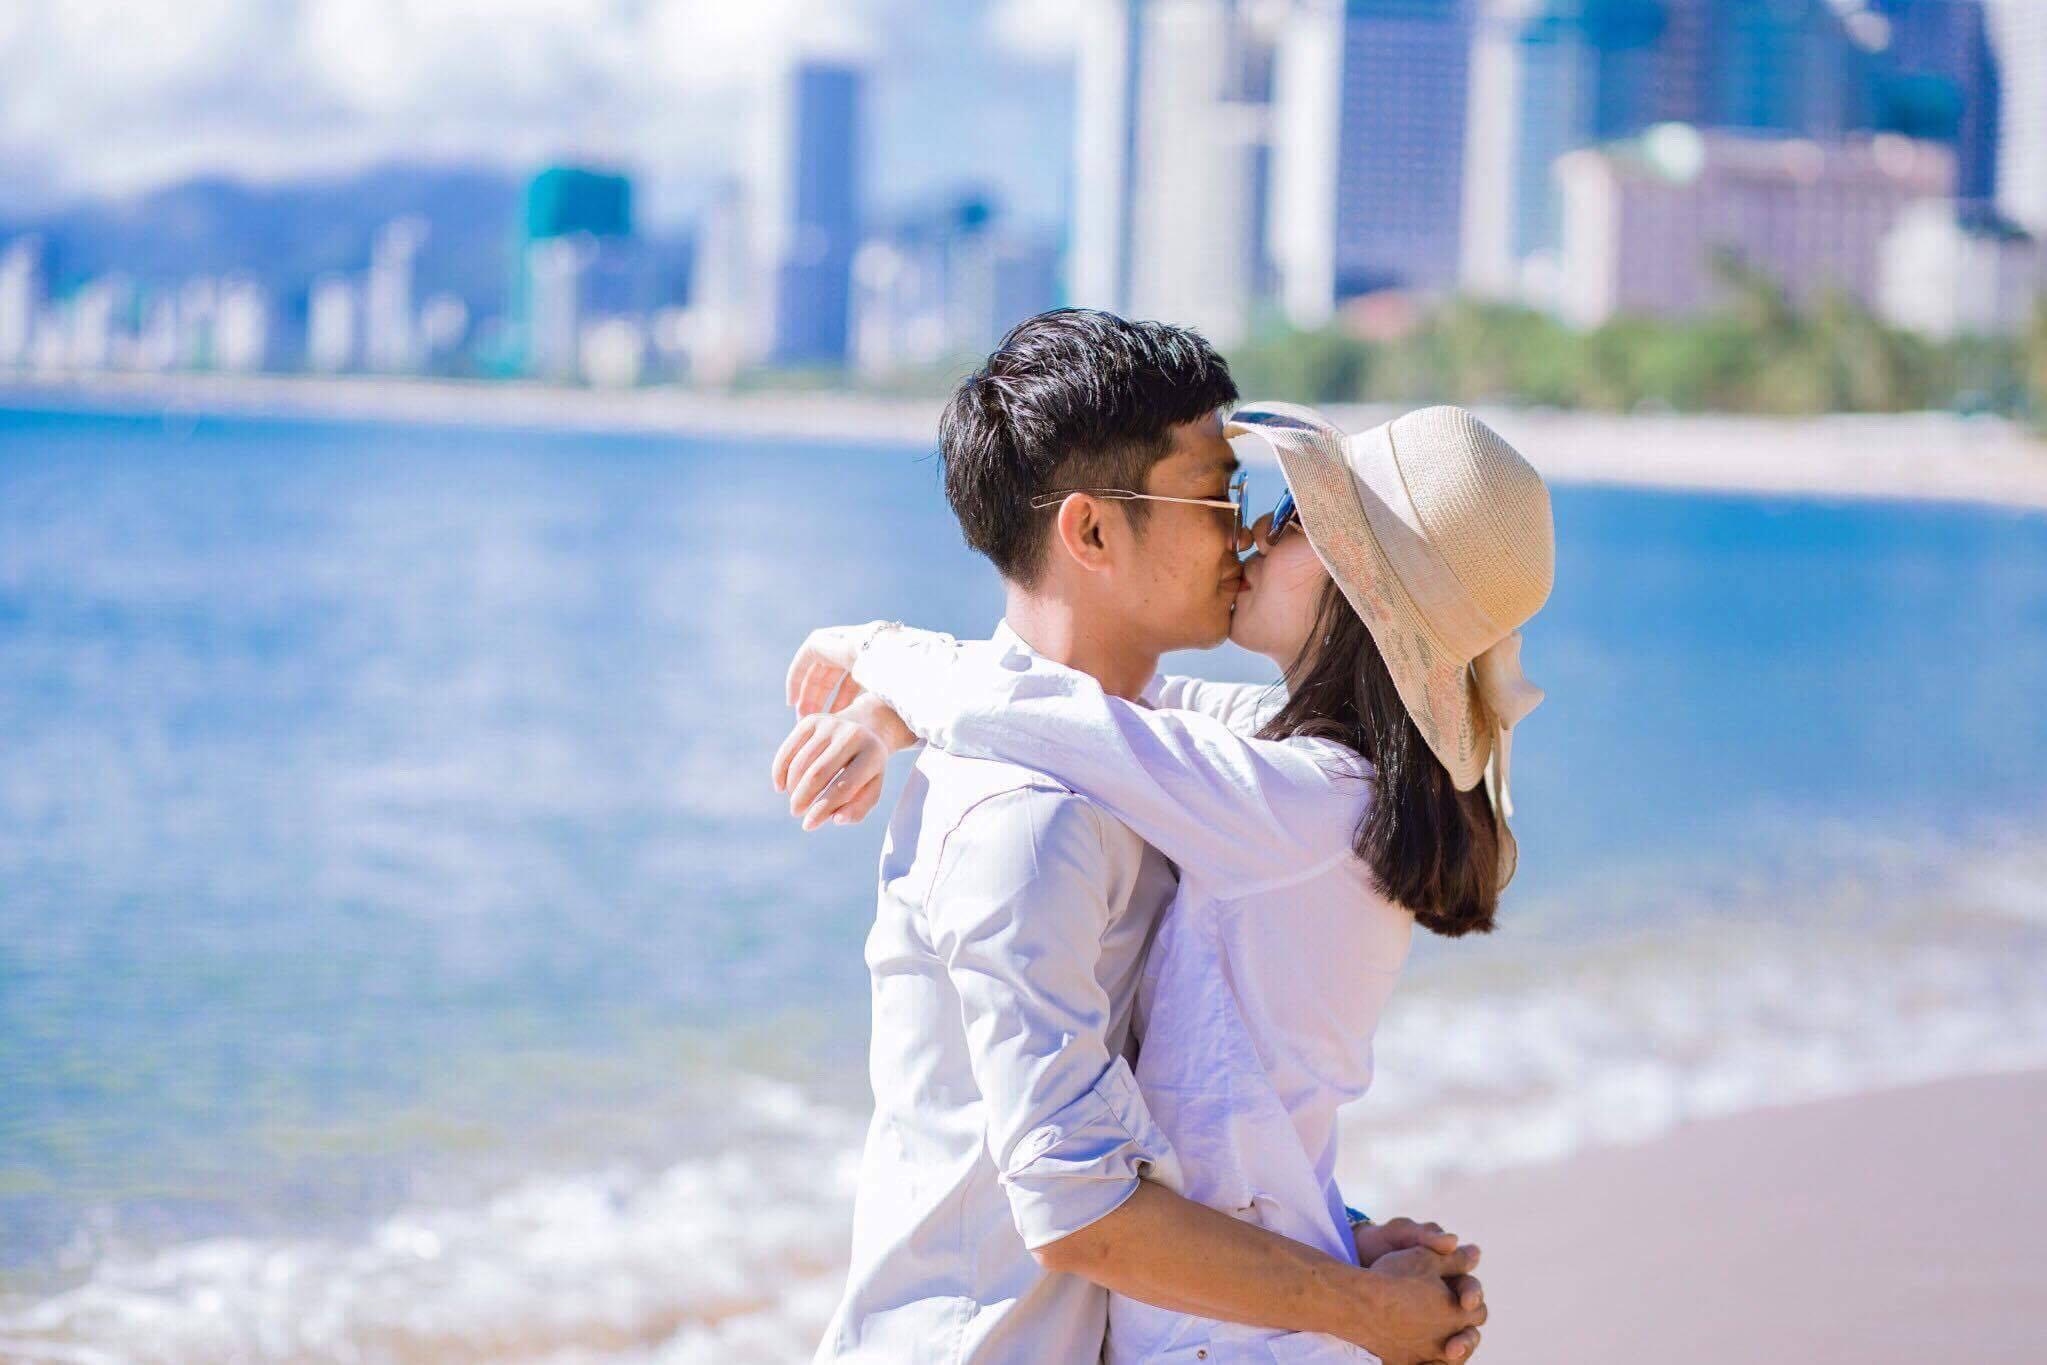 Tìm thấy tình yêu thất lạc sau 4 năm nhờ Bạn muốn hẹn hò, chàng trai nói một câu khiến cô gái đồng ý kết hôn ngay lập tức - Ảnh 6.